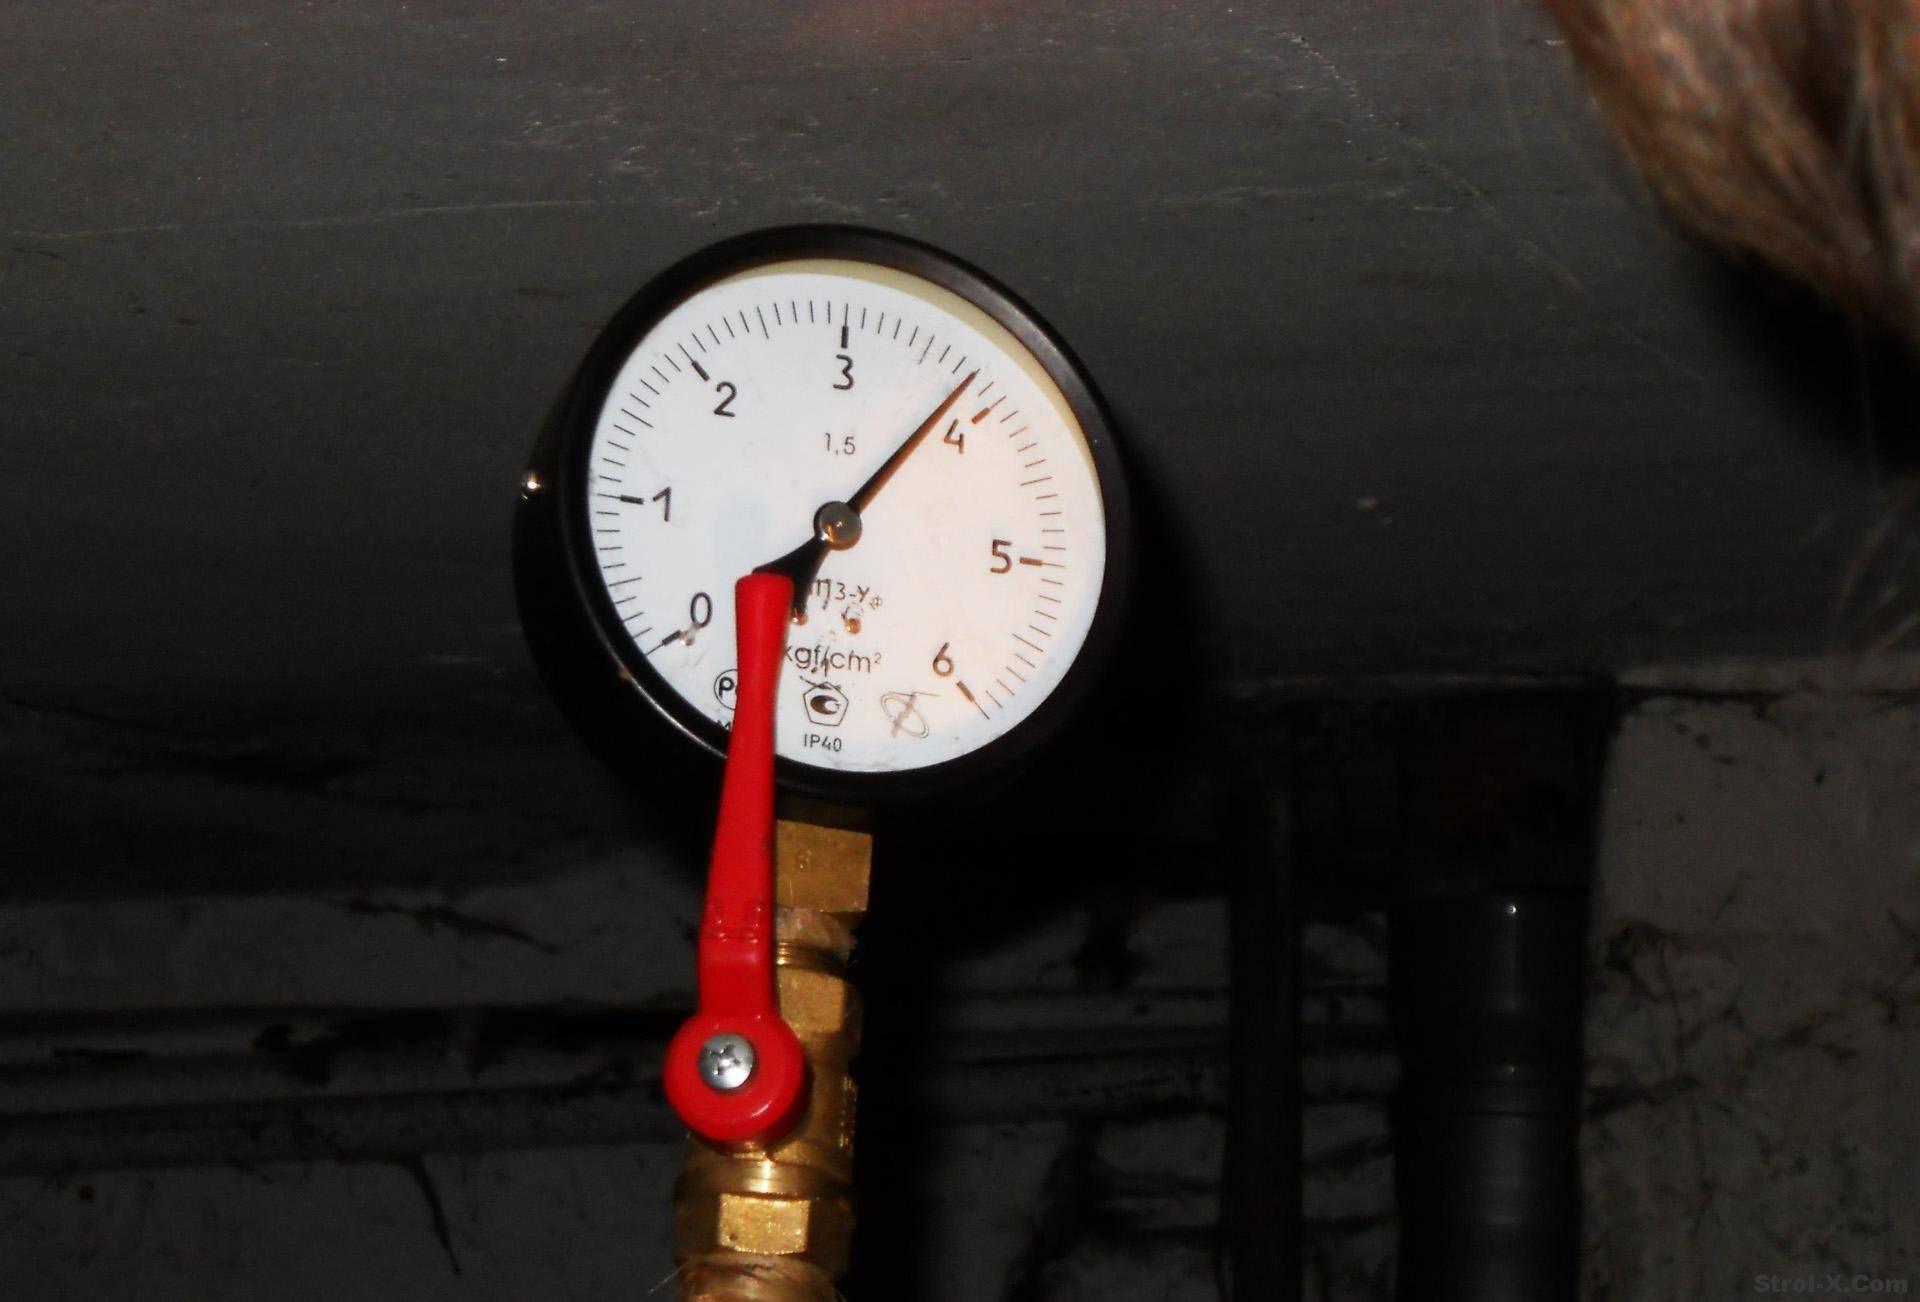 Давление в системе отопления в частном доме: какие должны быть рабочие значения в схеме закрытого типа, зачем нужен манометр